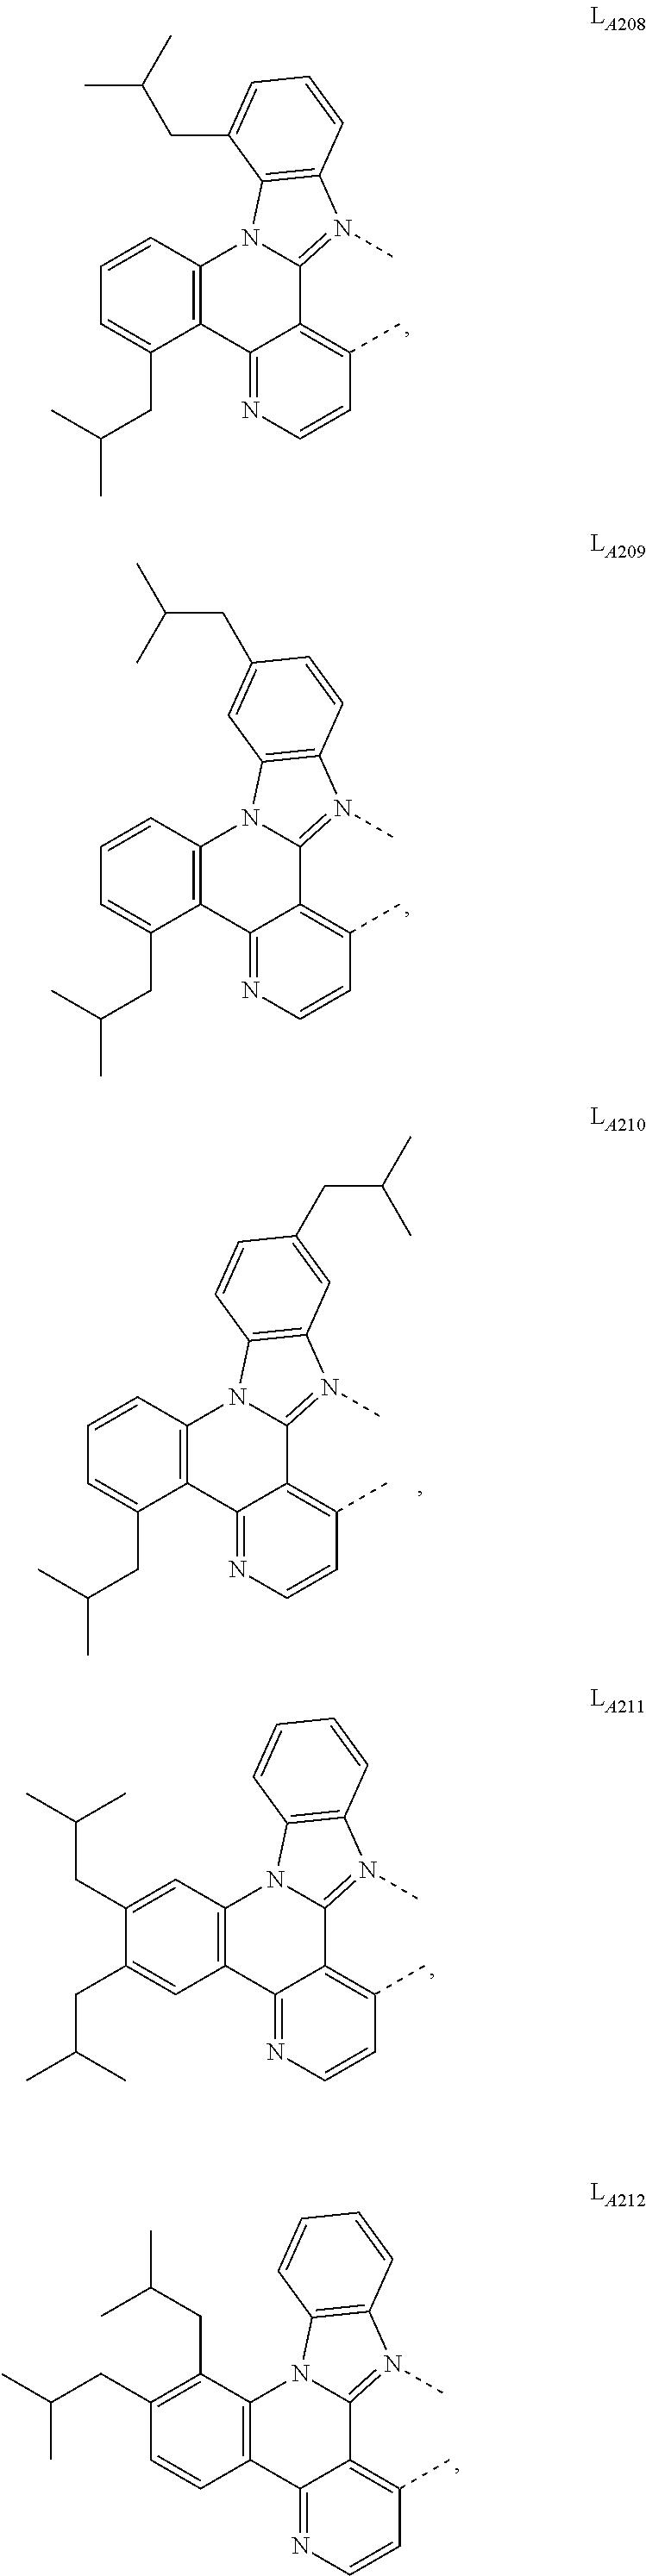 Figure US09905785-20180227-C00469